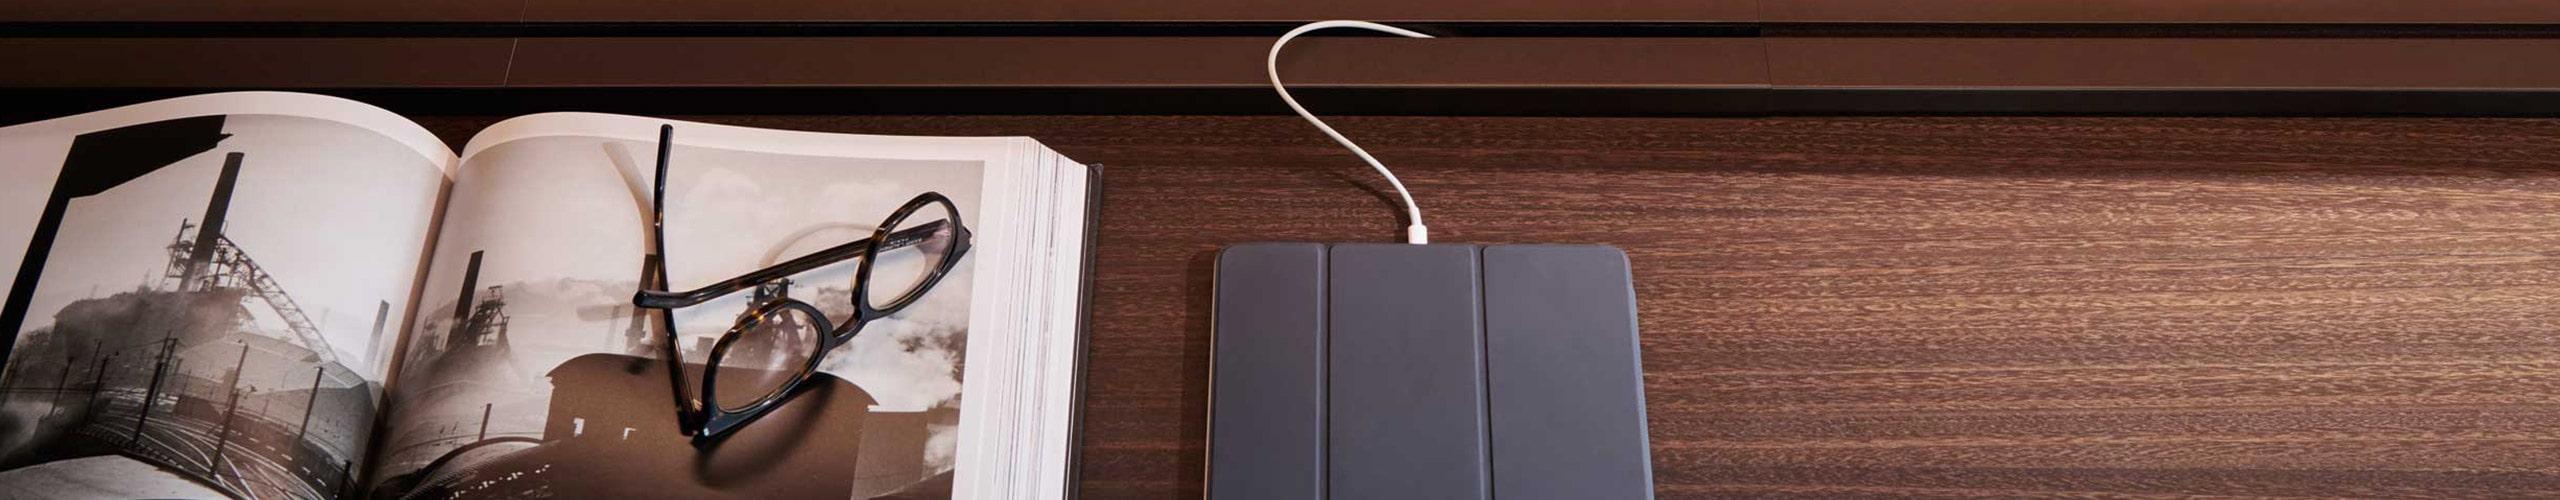 studio-molteni-dada-interior-design-lusso-lecce-brindisi-taranto